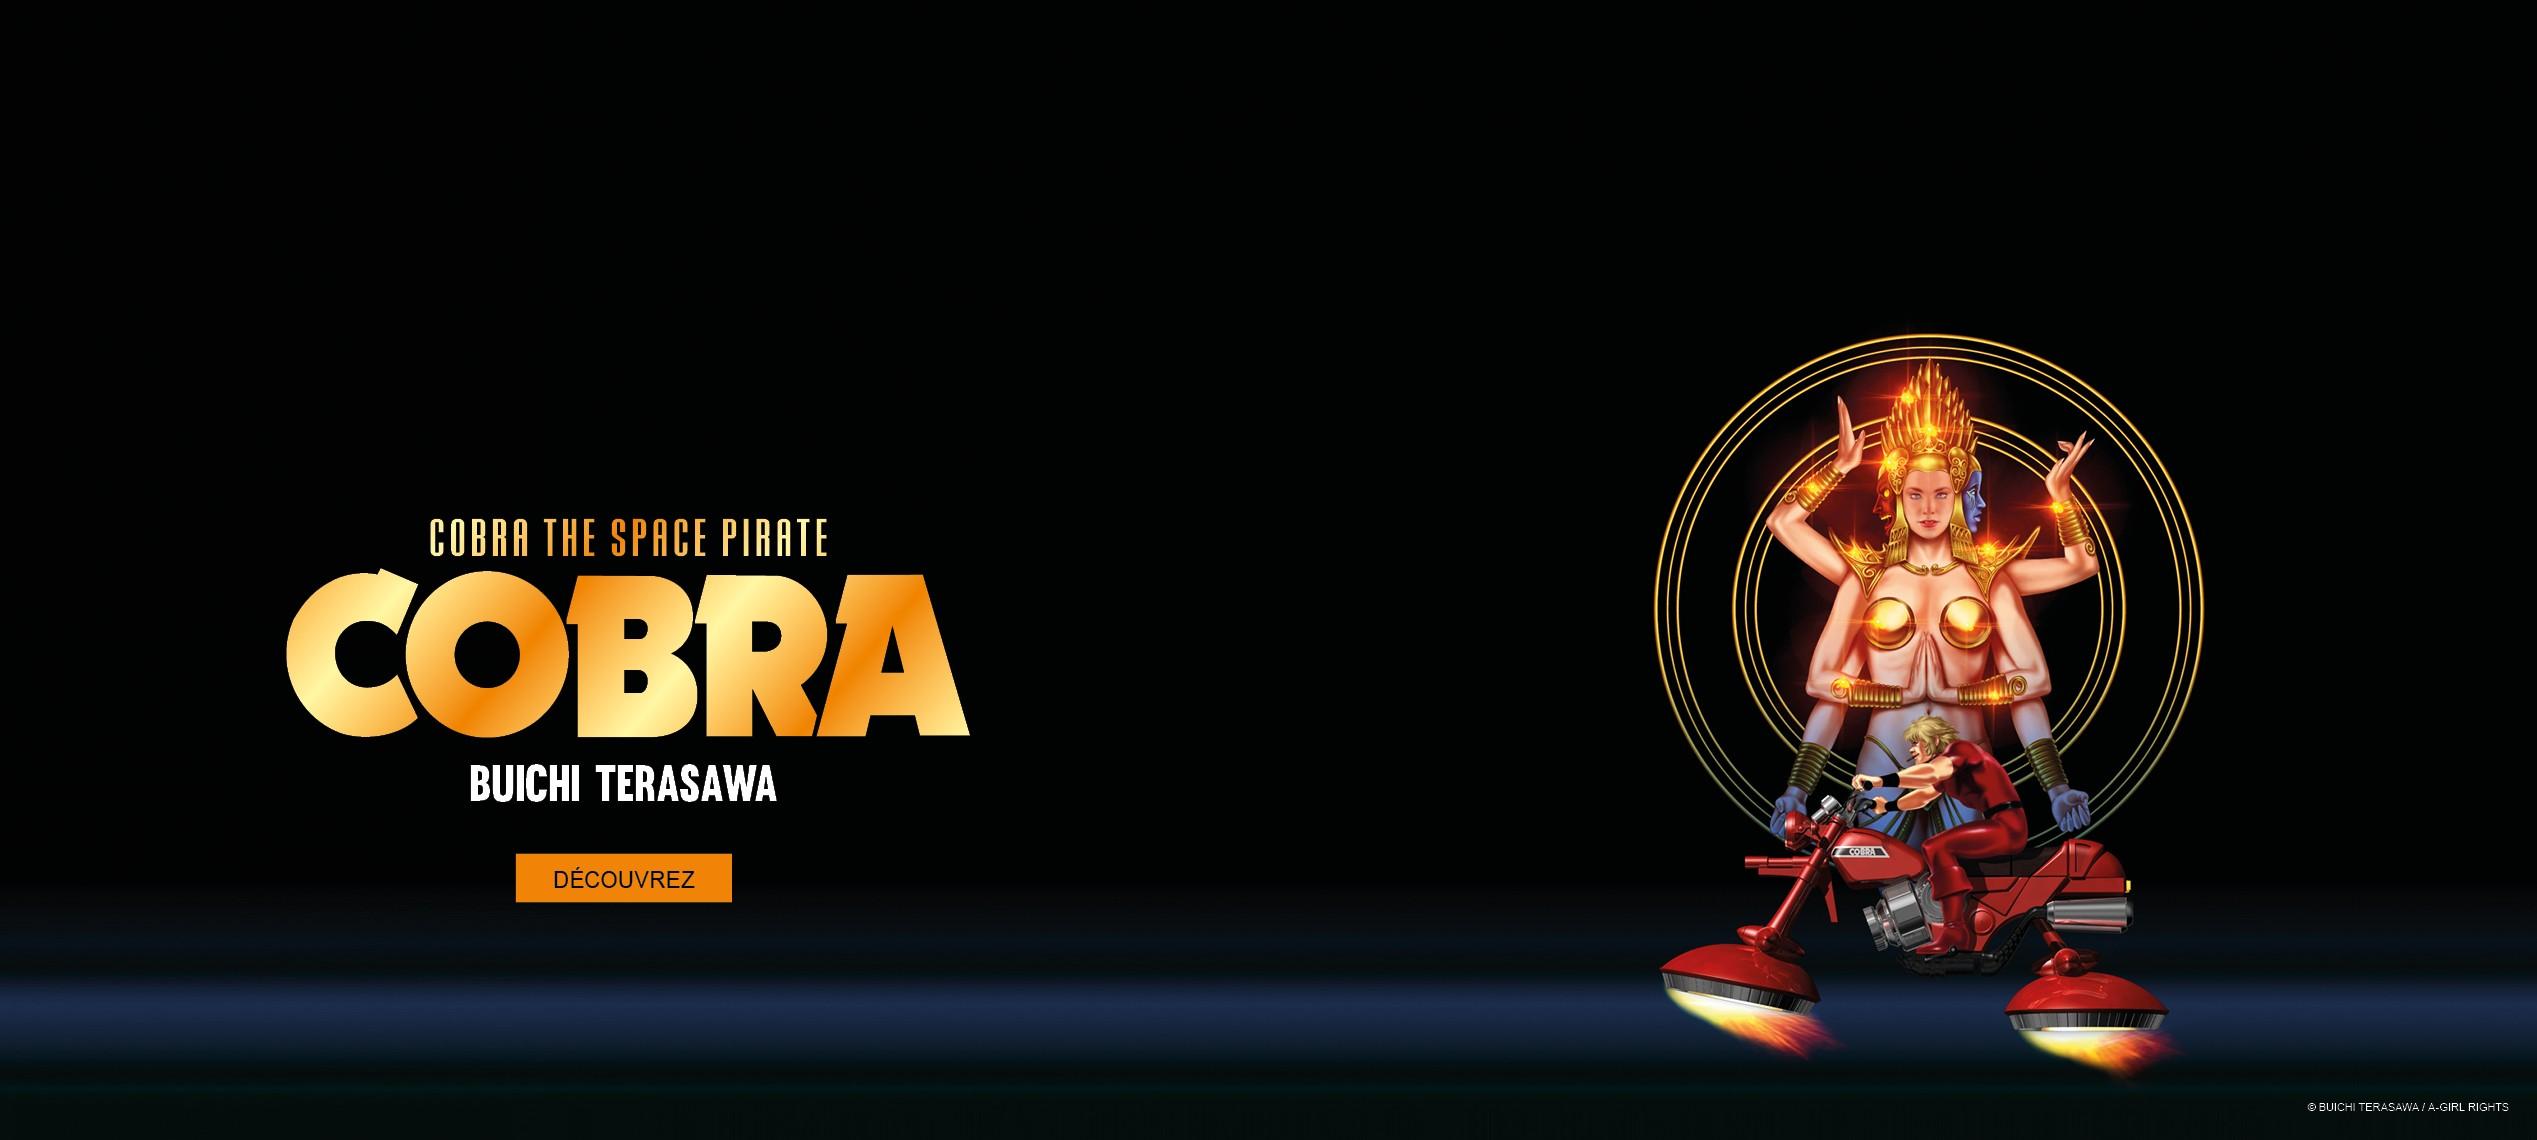 Cobra The Space Pirate